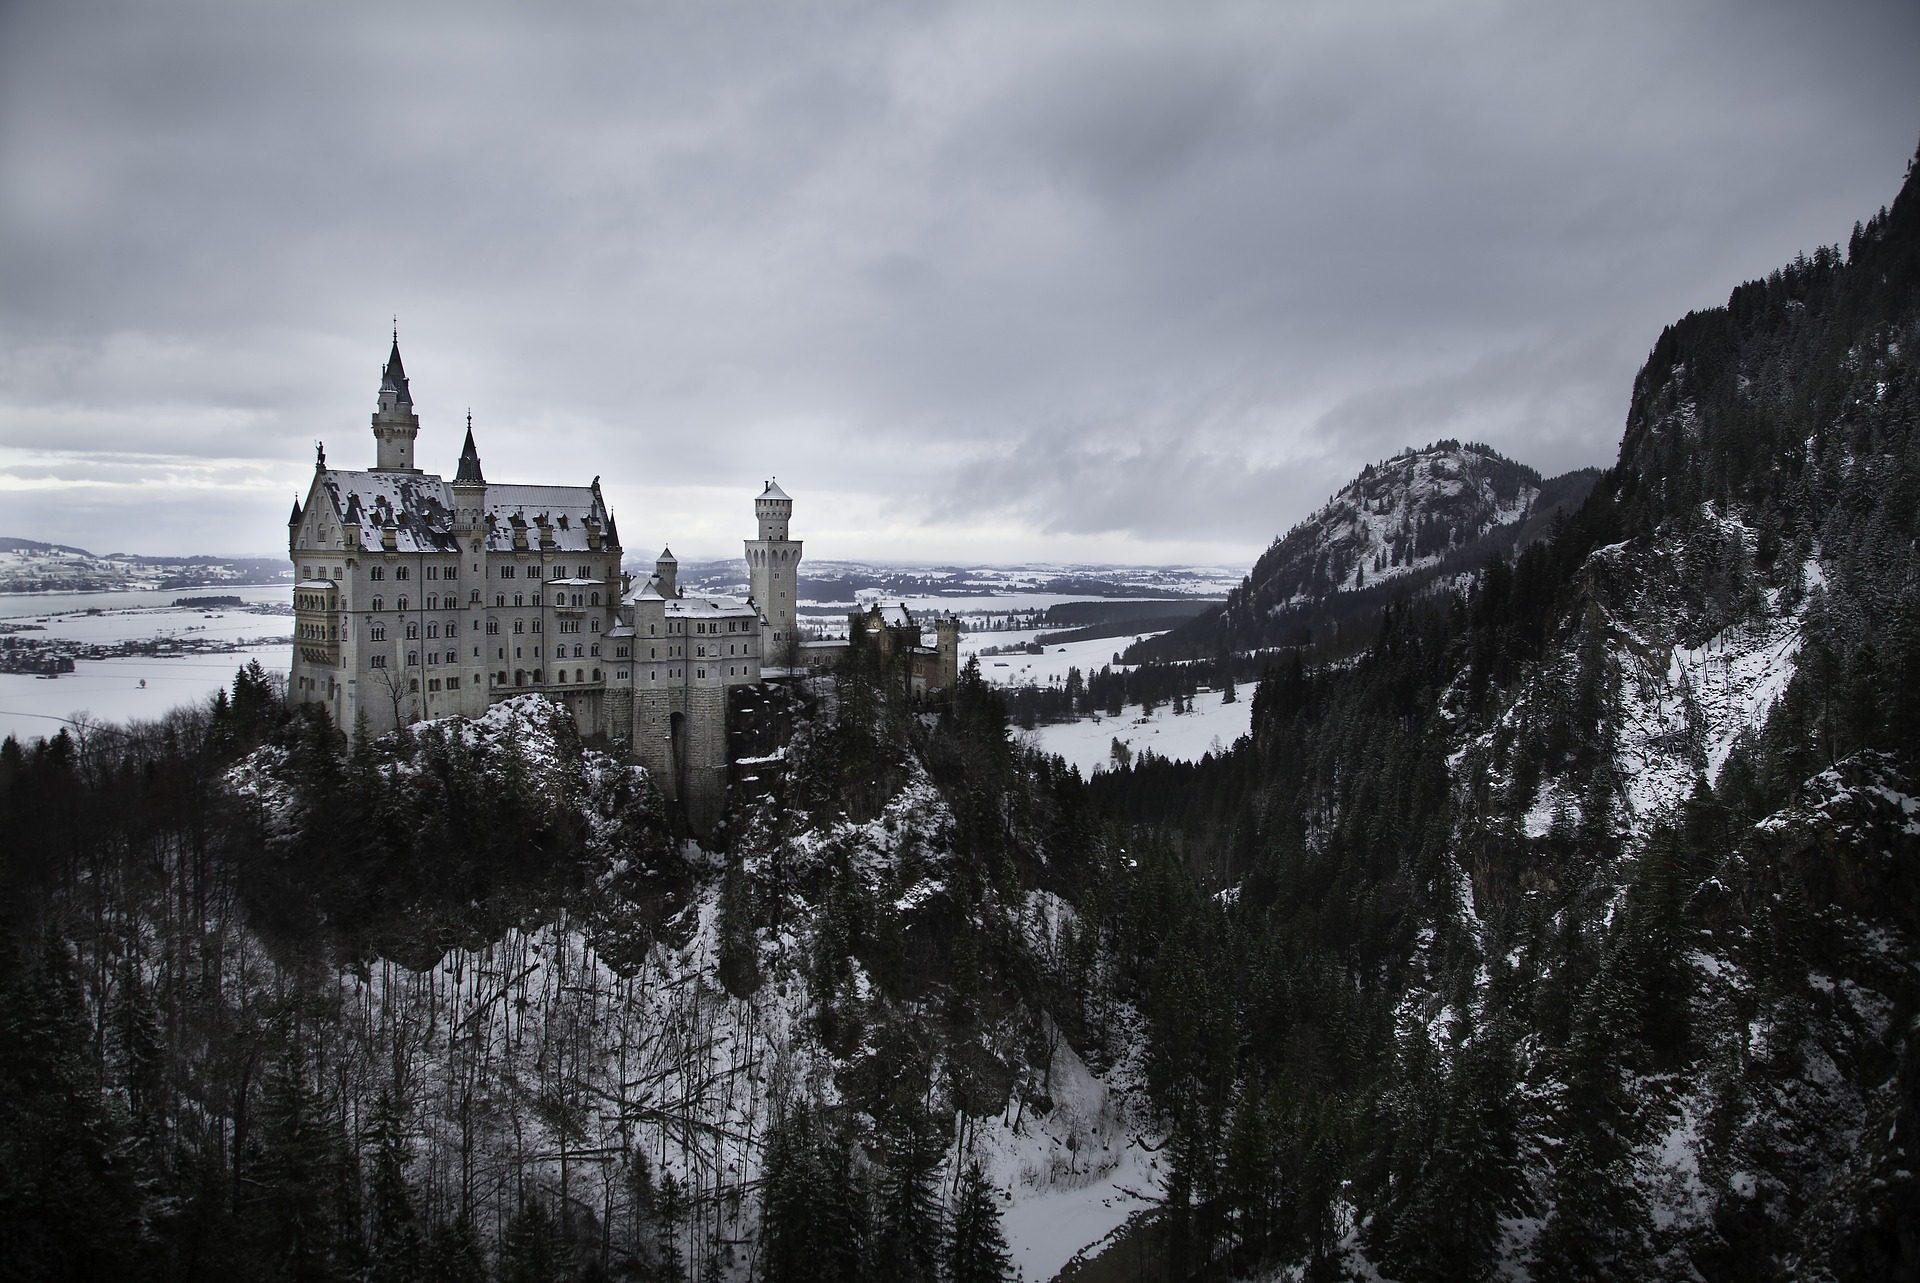 Castello, Fortezza, Montañas, neve, nuvole, alberi - Sfondi HD - Professor-falken.com